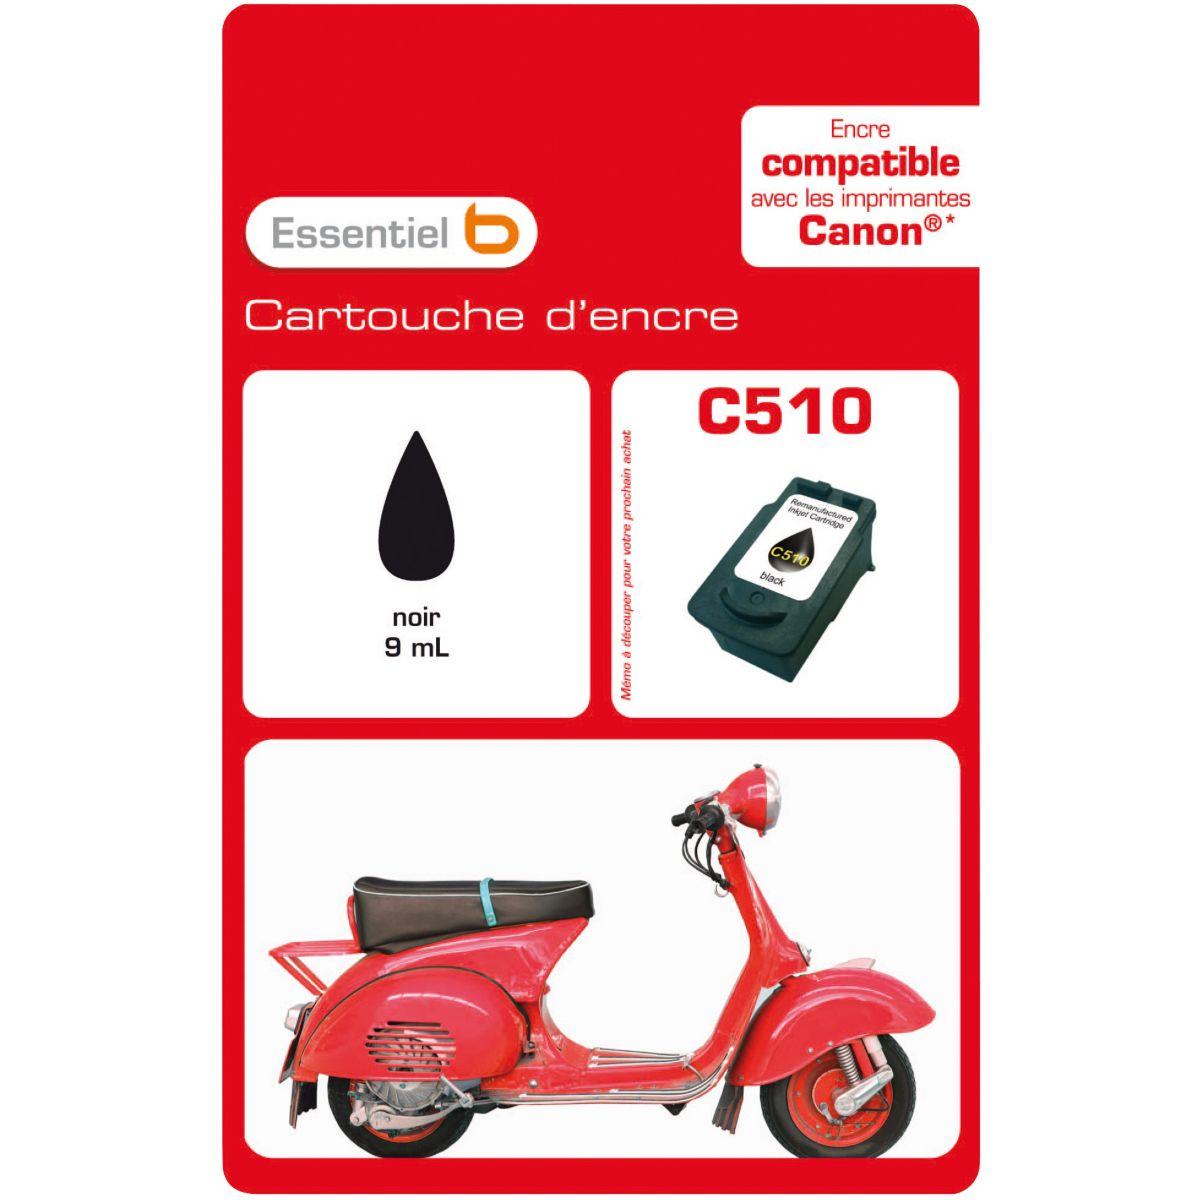 Cartouche d'encre ESSENTIELB C510 - Noire Série Scooter